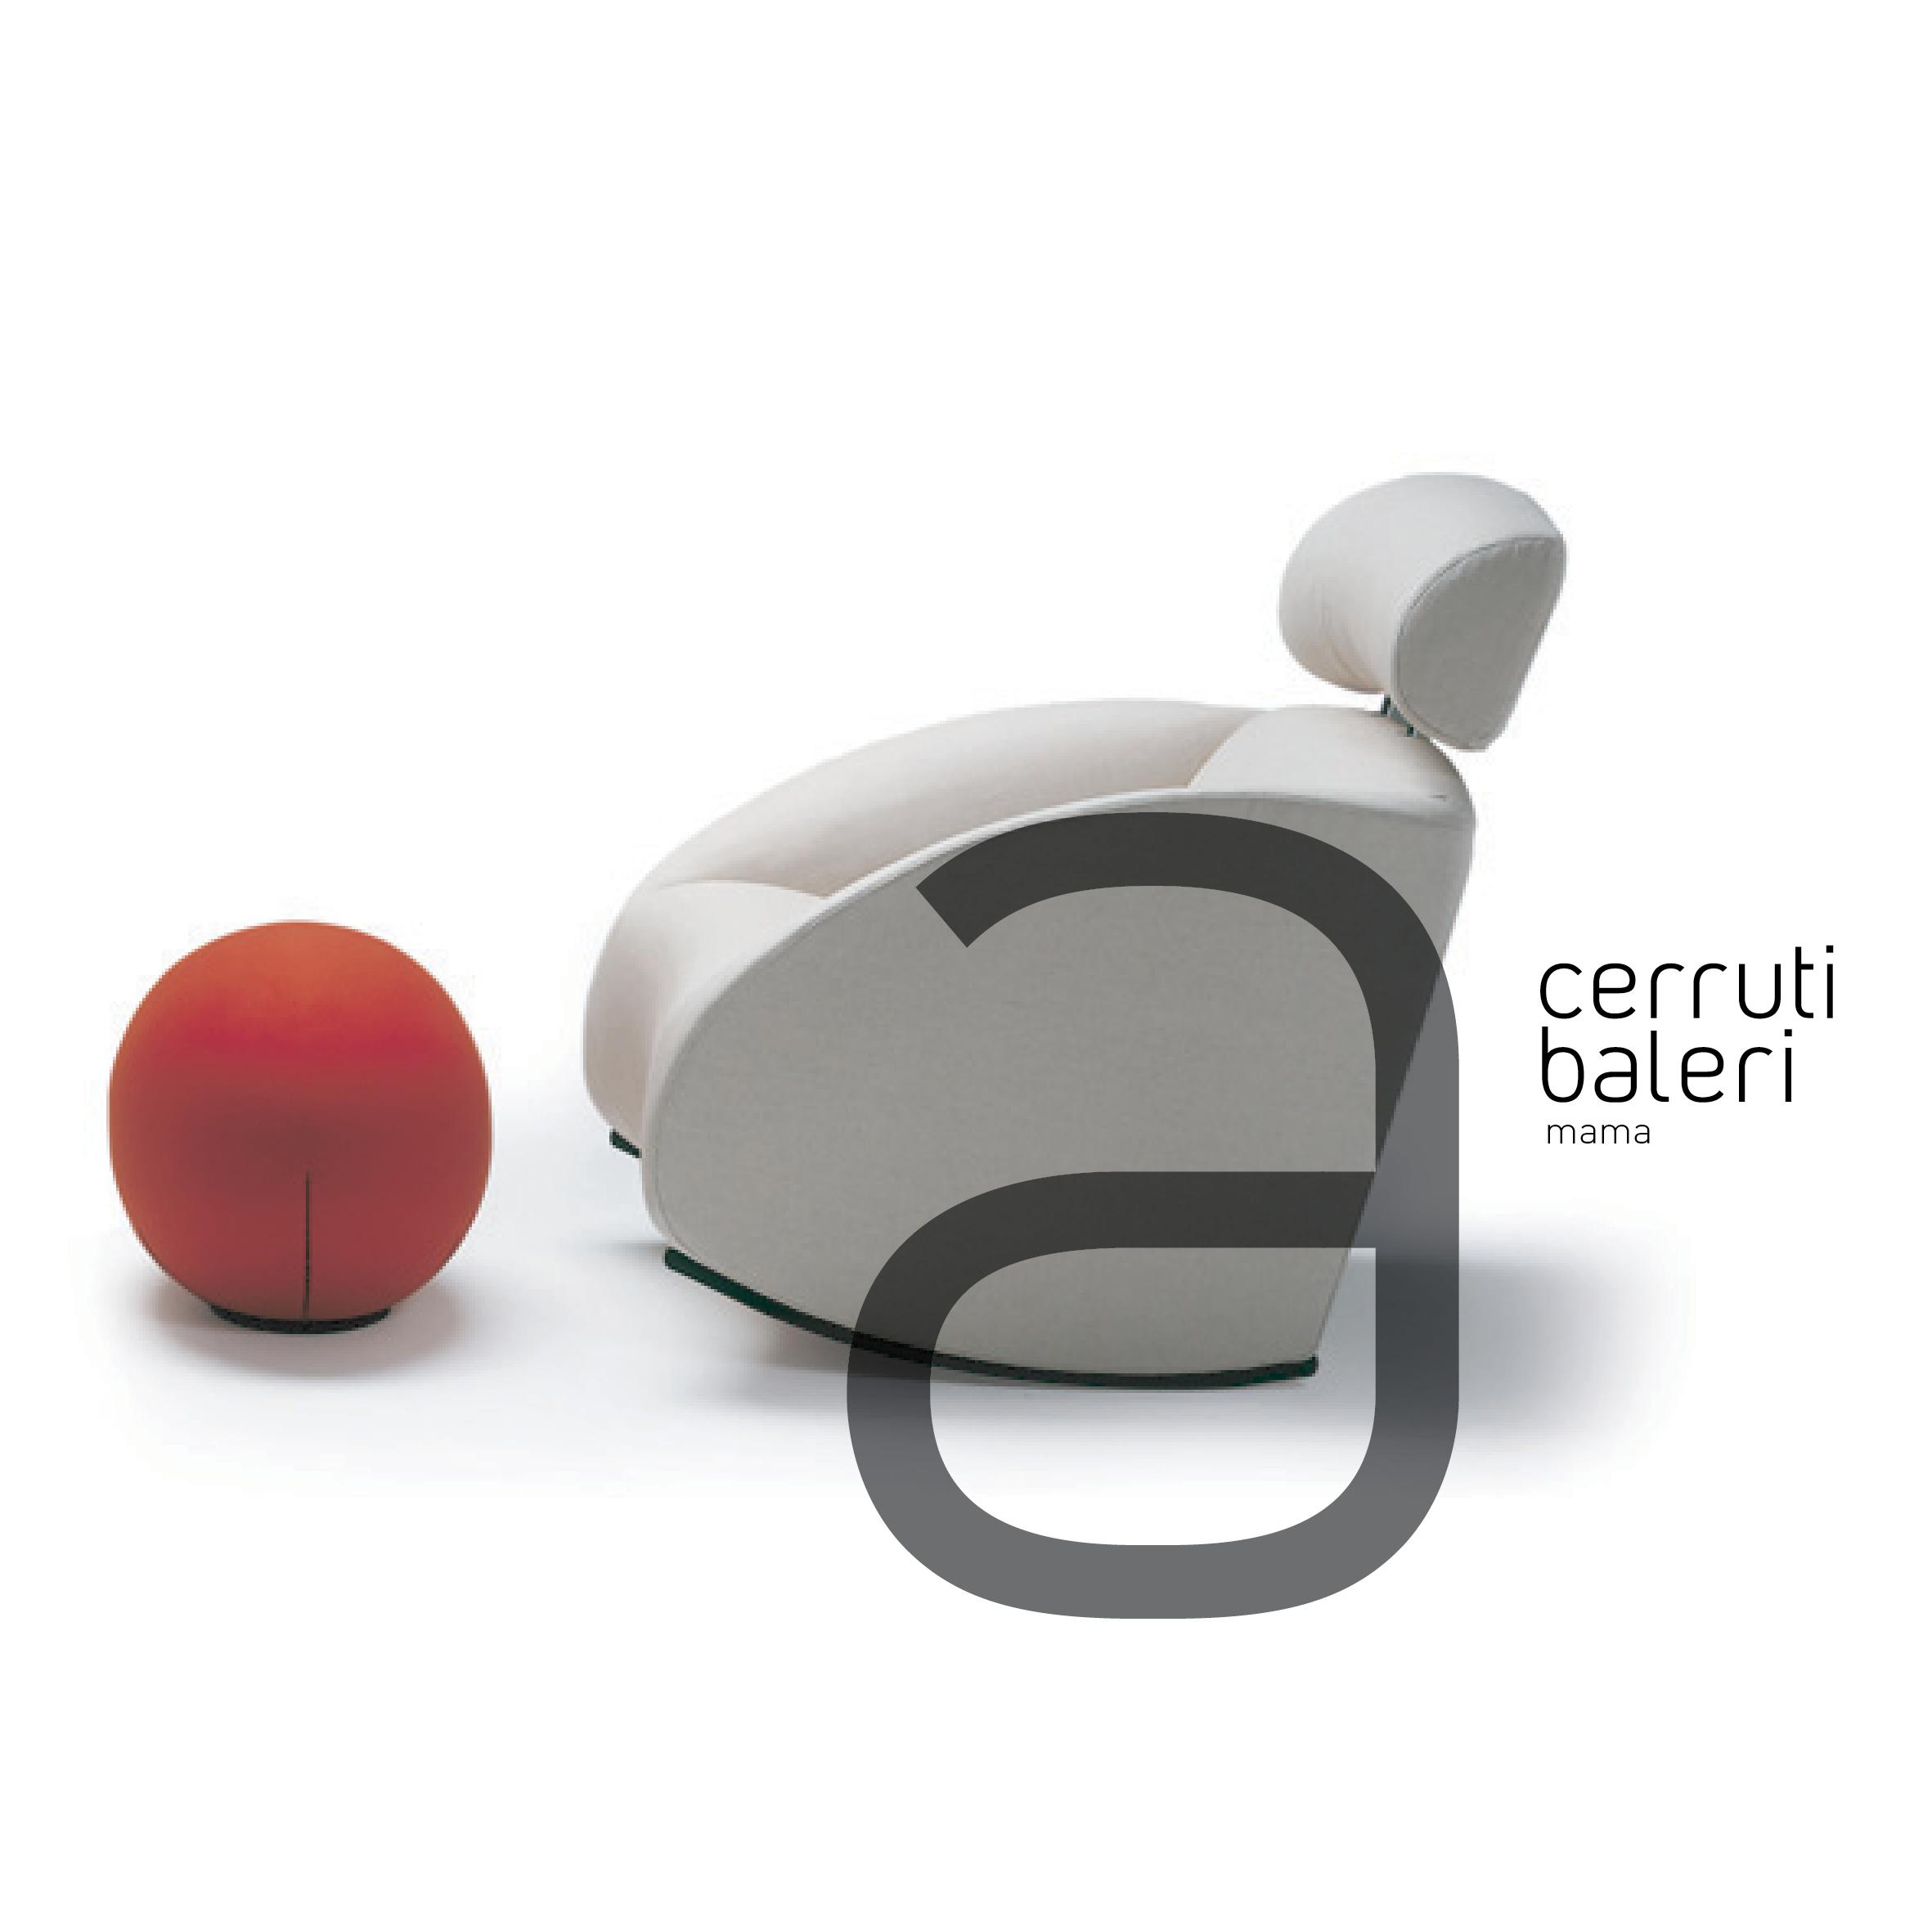 cerrutbaleri_lettere logo-okp.jpg